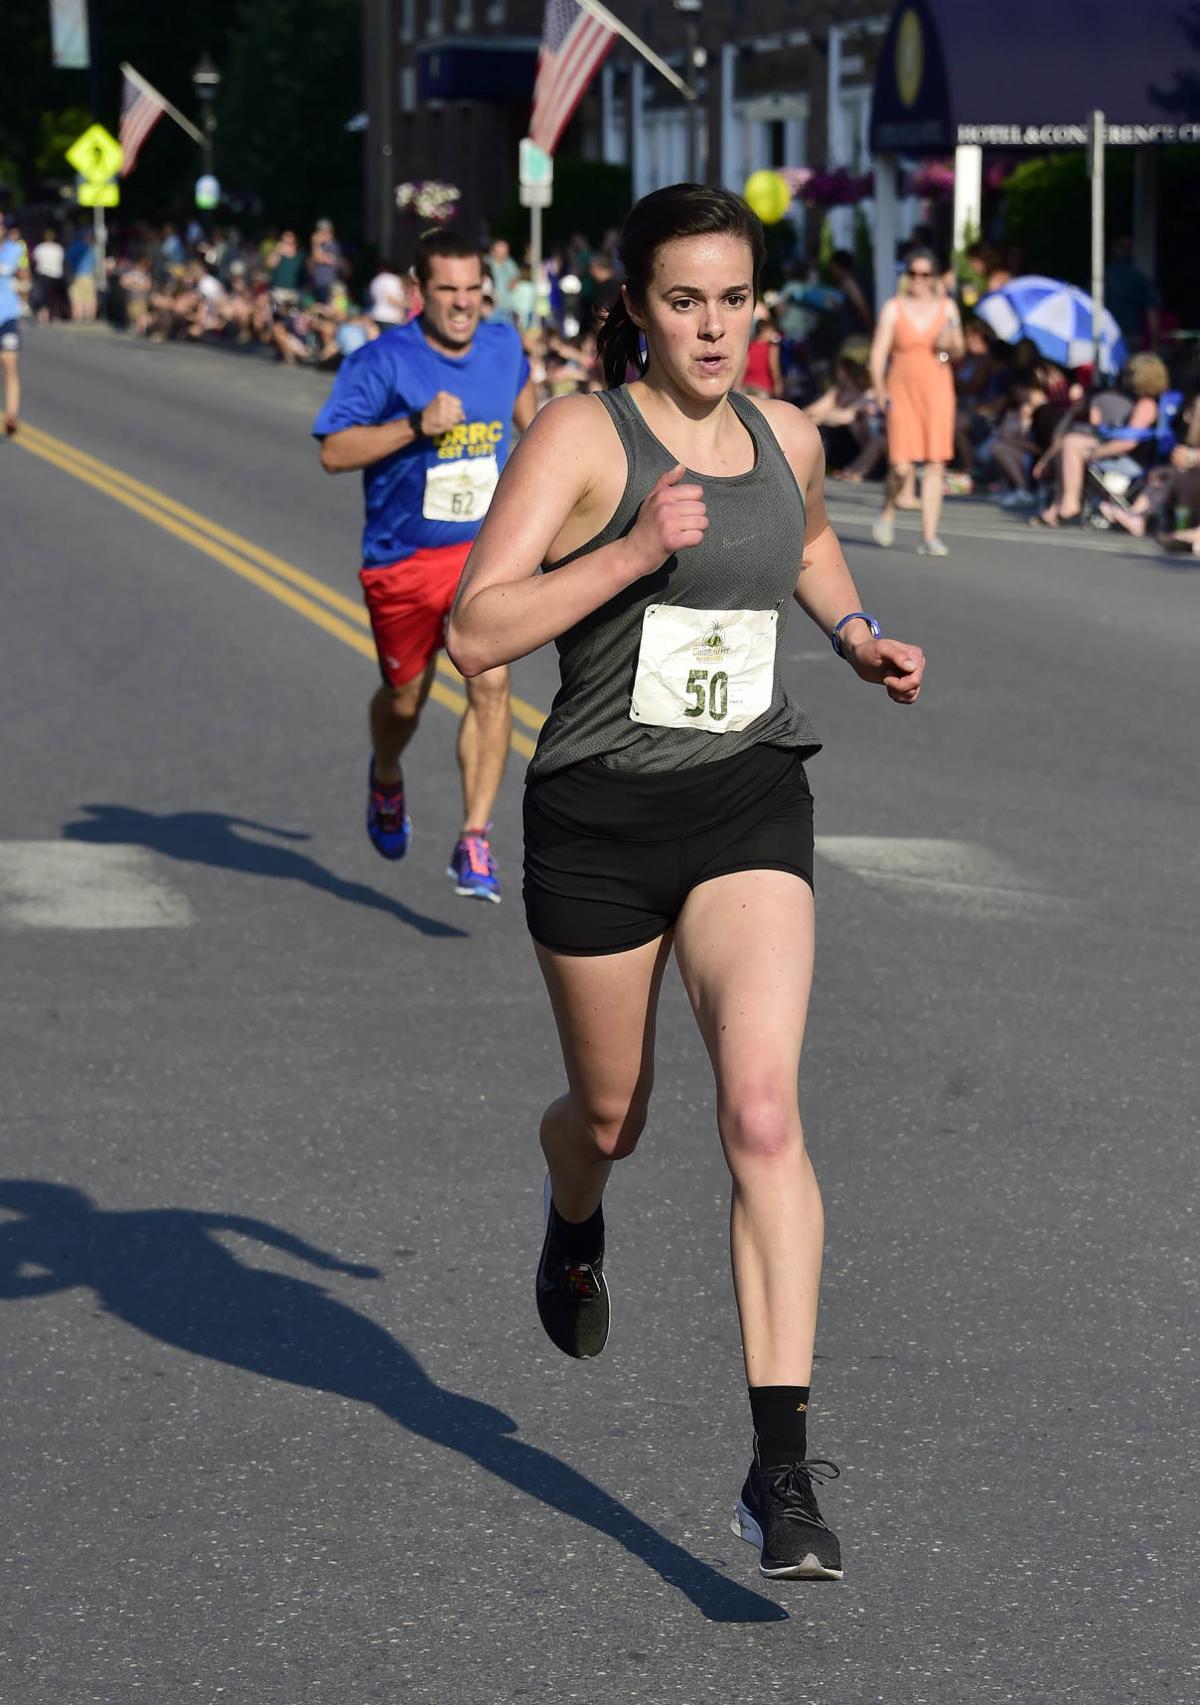 20190704_bta_Montpelier Mile woman